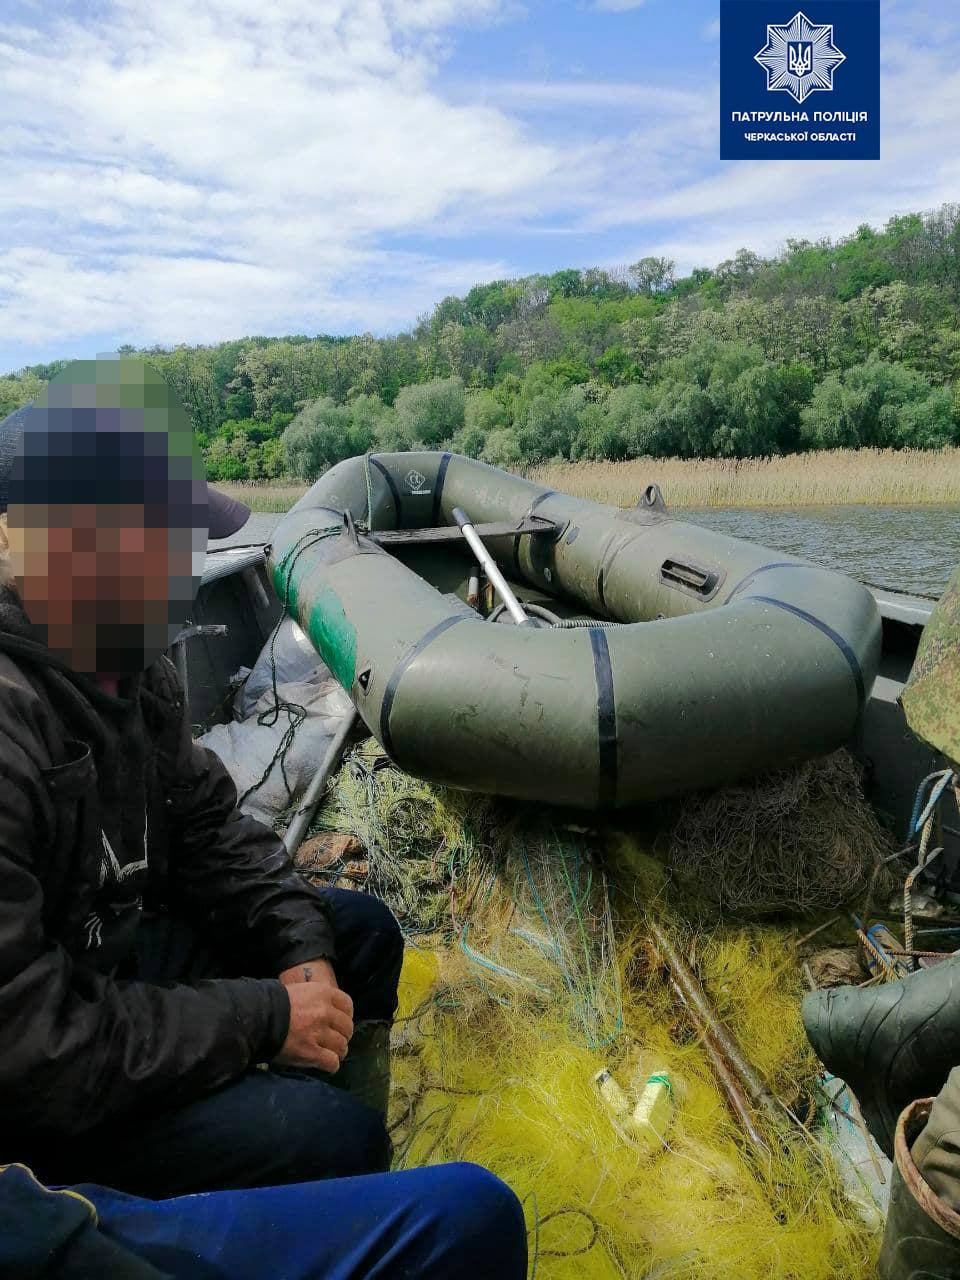 Рибалив у нерестовий період: на Чорнобаївщині спіймали браконьєра